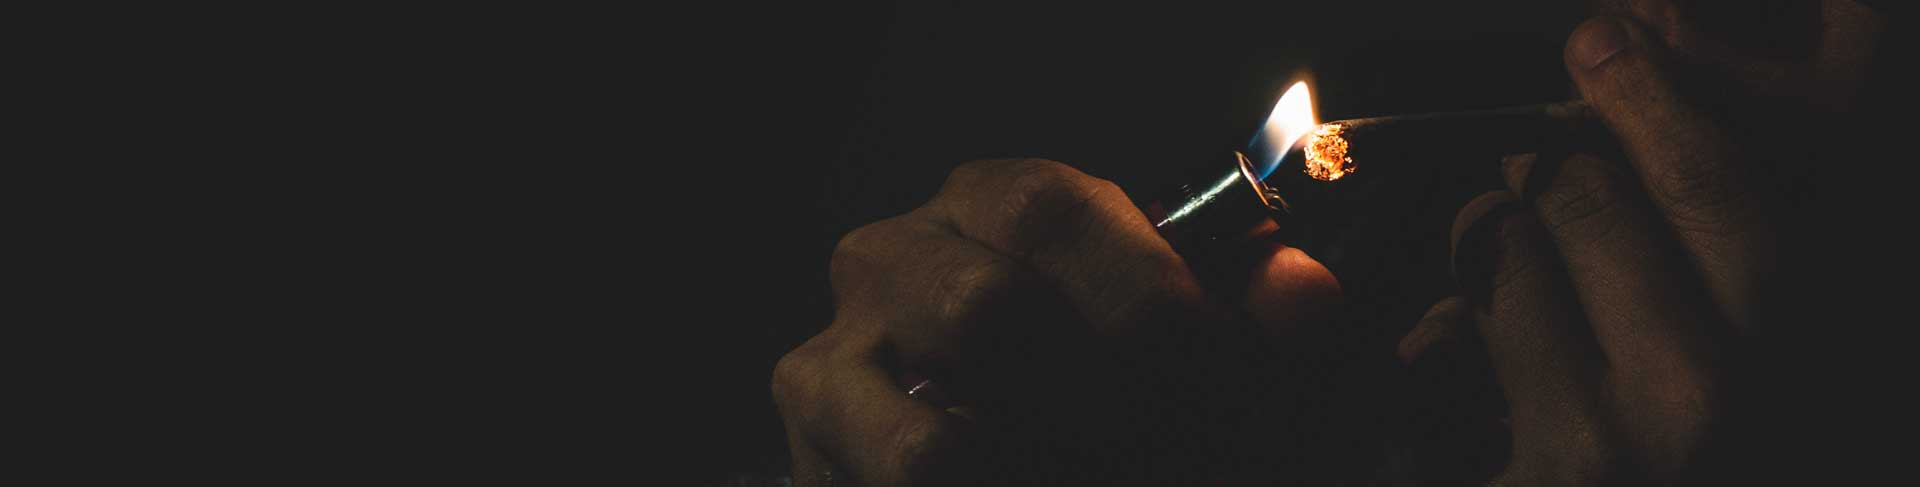 Adicciones en adultos y adolescentes Abuso de drogas, alcoholismo, ludopatías, internet-móviles...